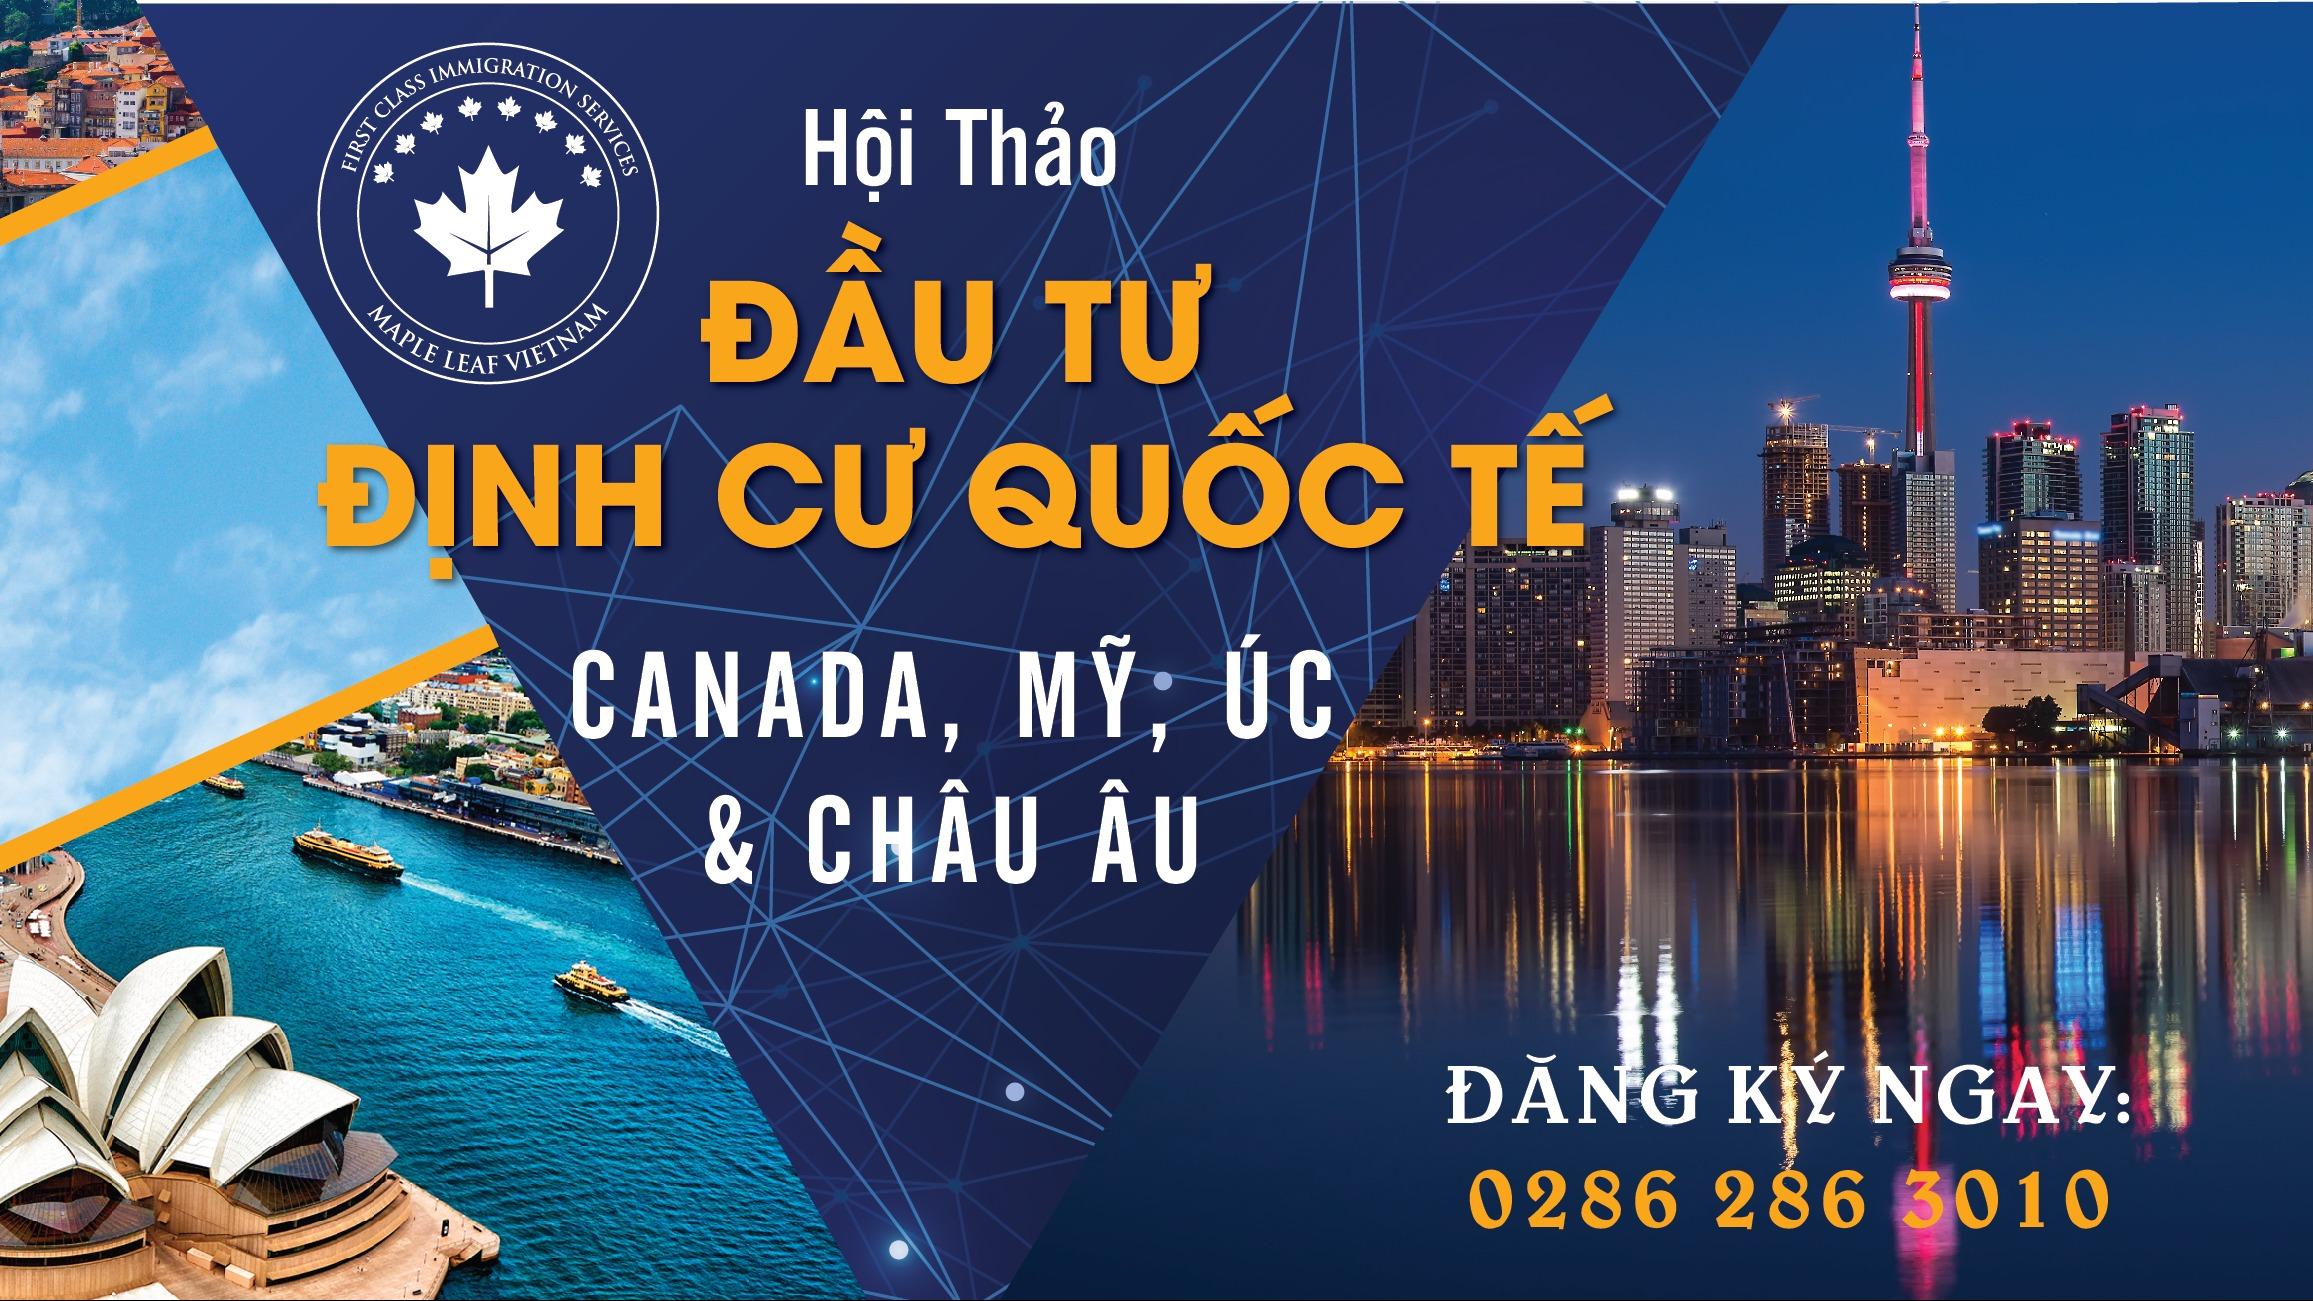 hoi-thao-dau-tu-dinh-cu-quoc-te-voi-maple-leaf-vietnam-tai-can-tho